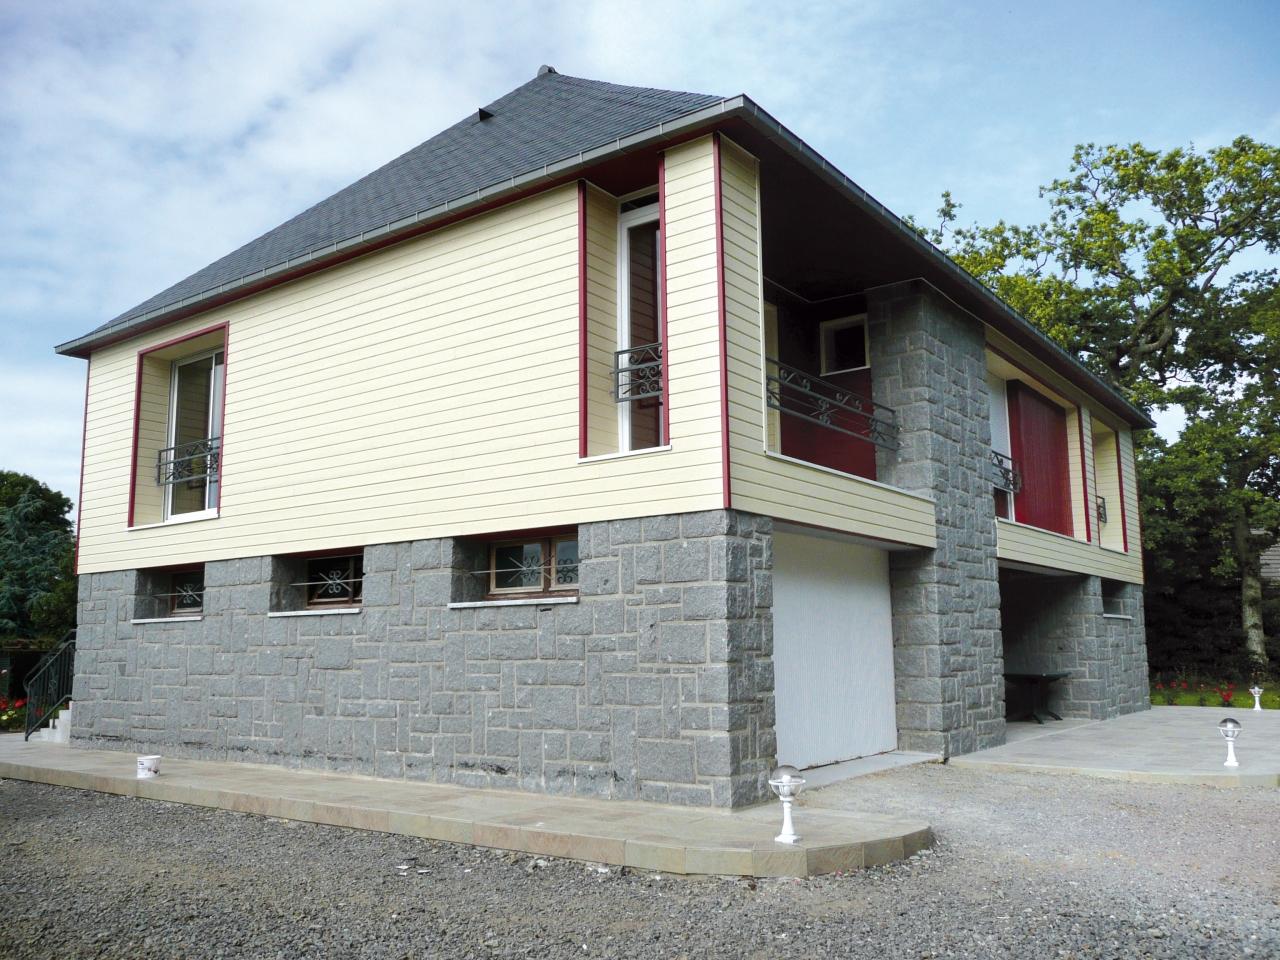 Derouet constructeur de maison bois en mayenne 53 for Exterieur d une maison